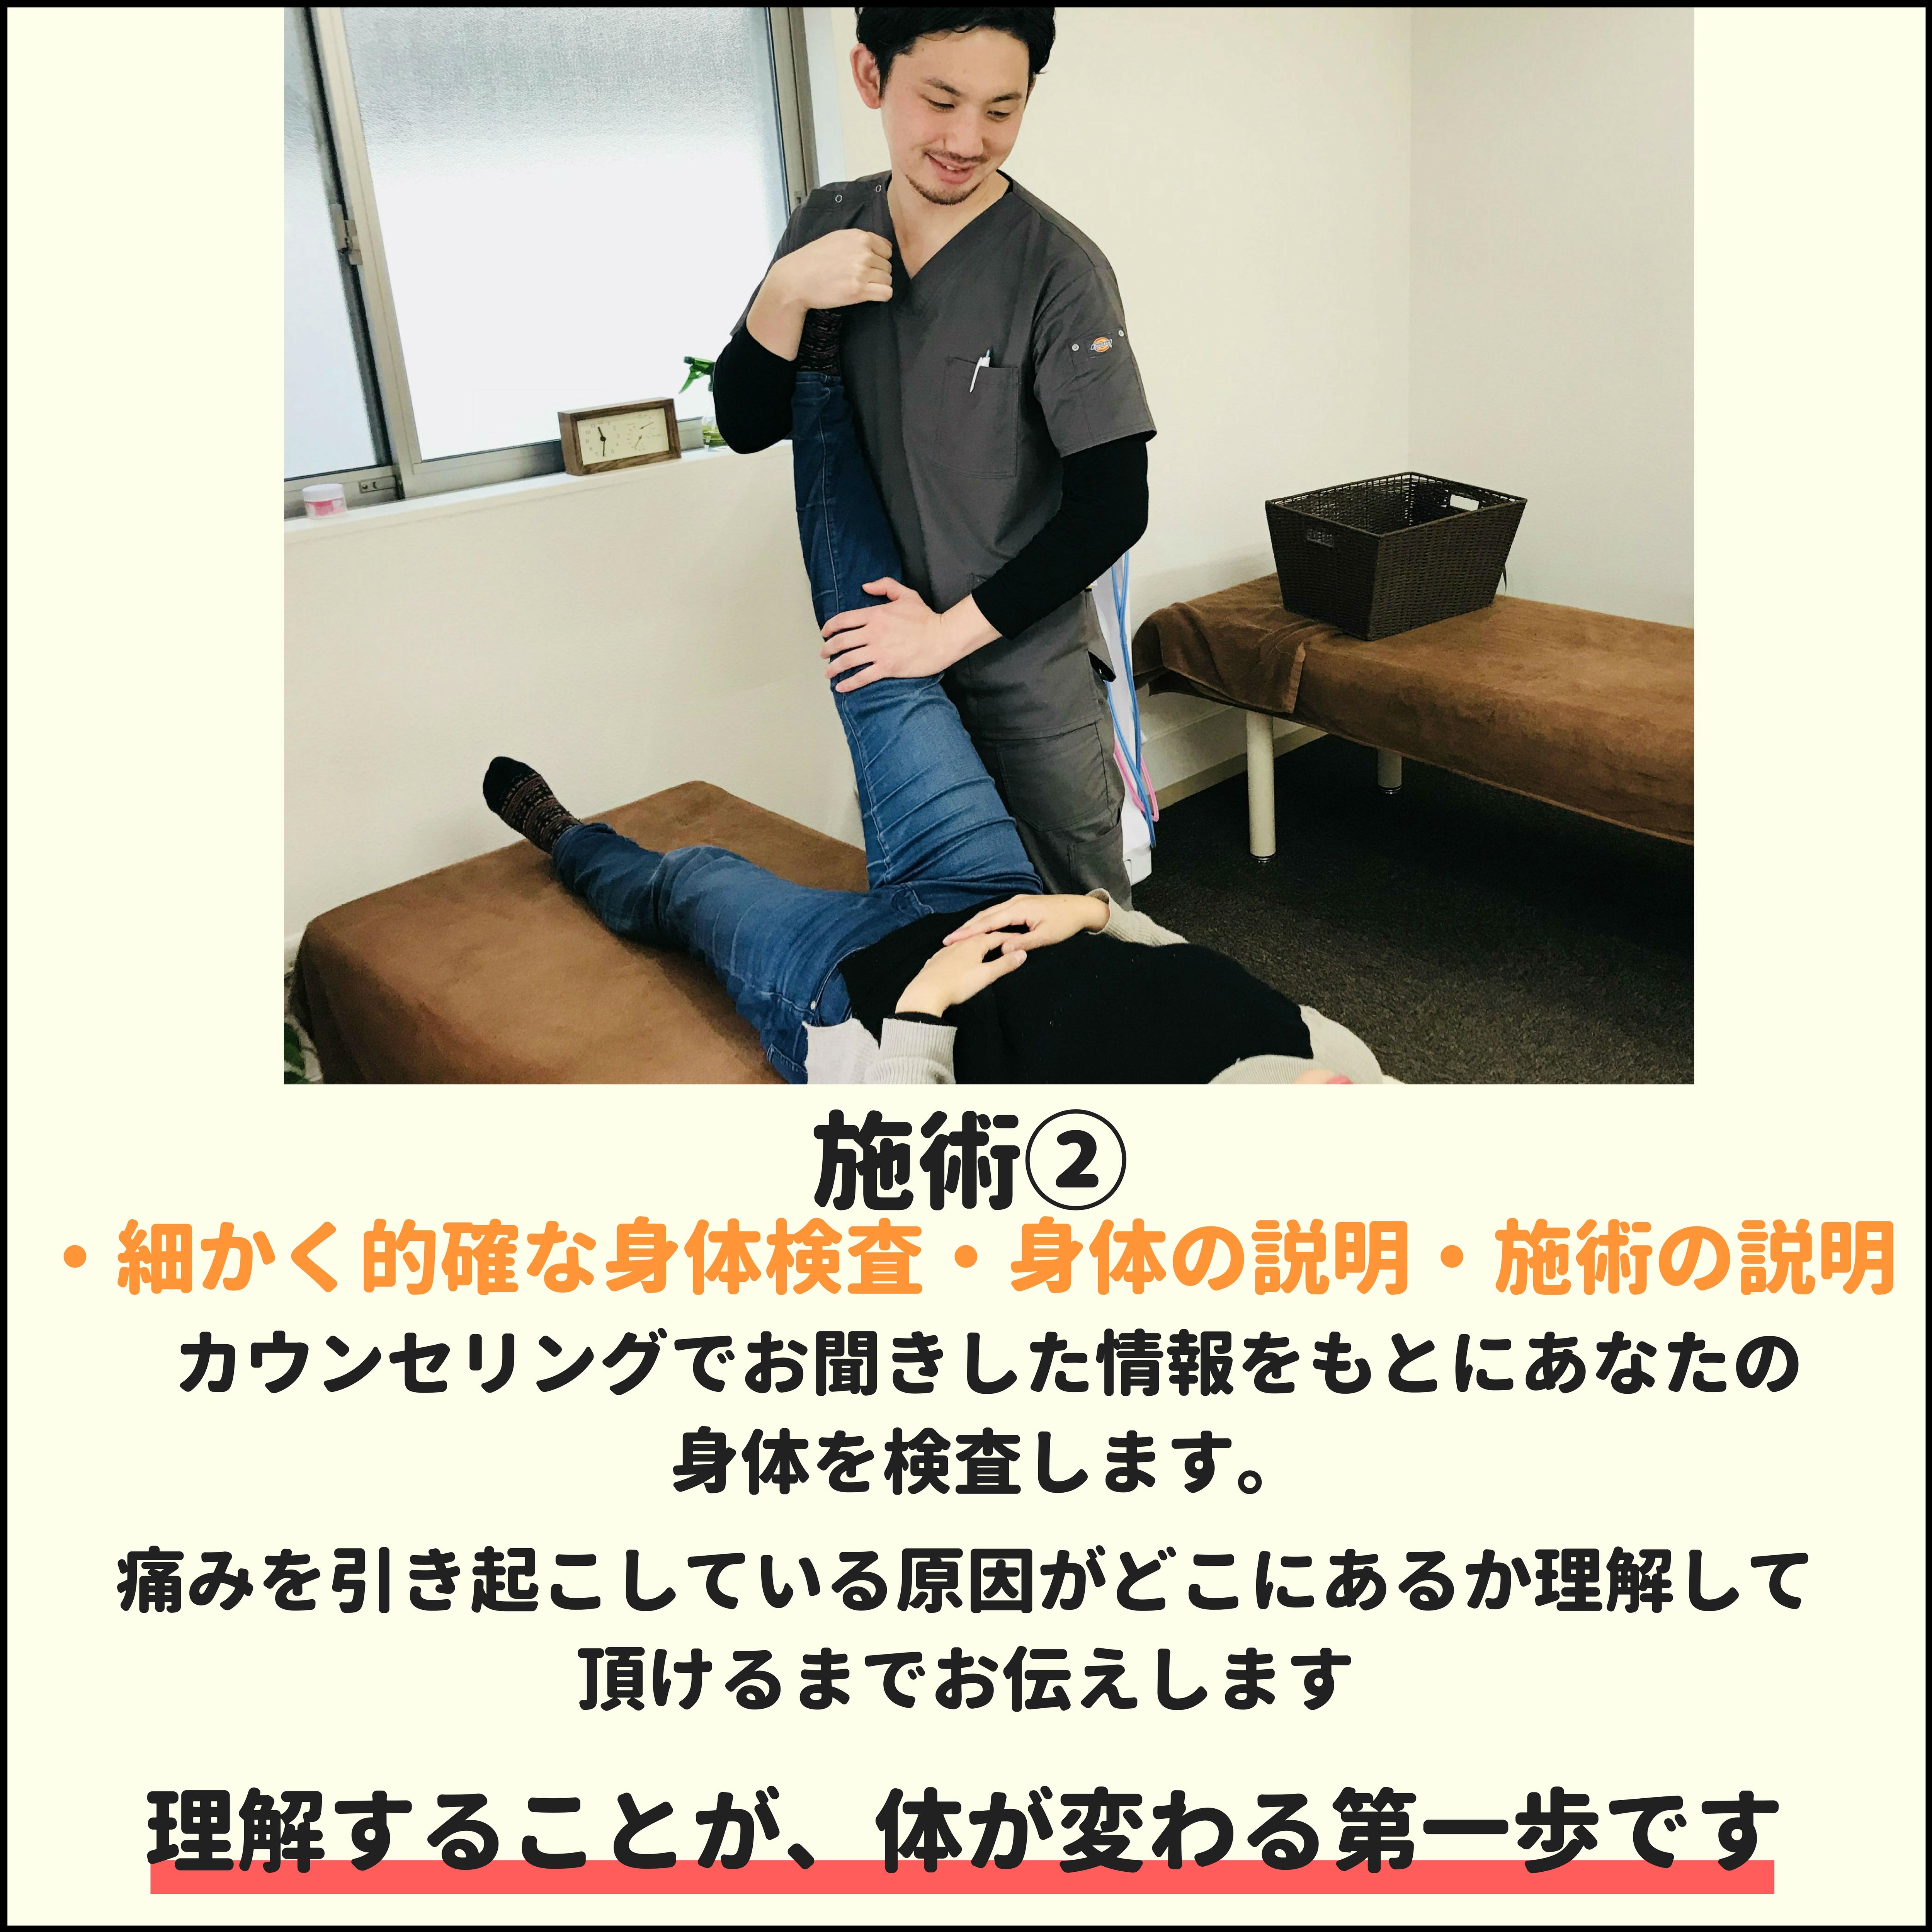 施術2:細かく的確な身体検査・身体の説明・施術の説明